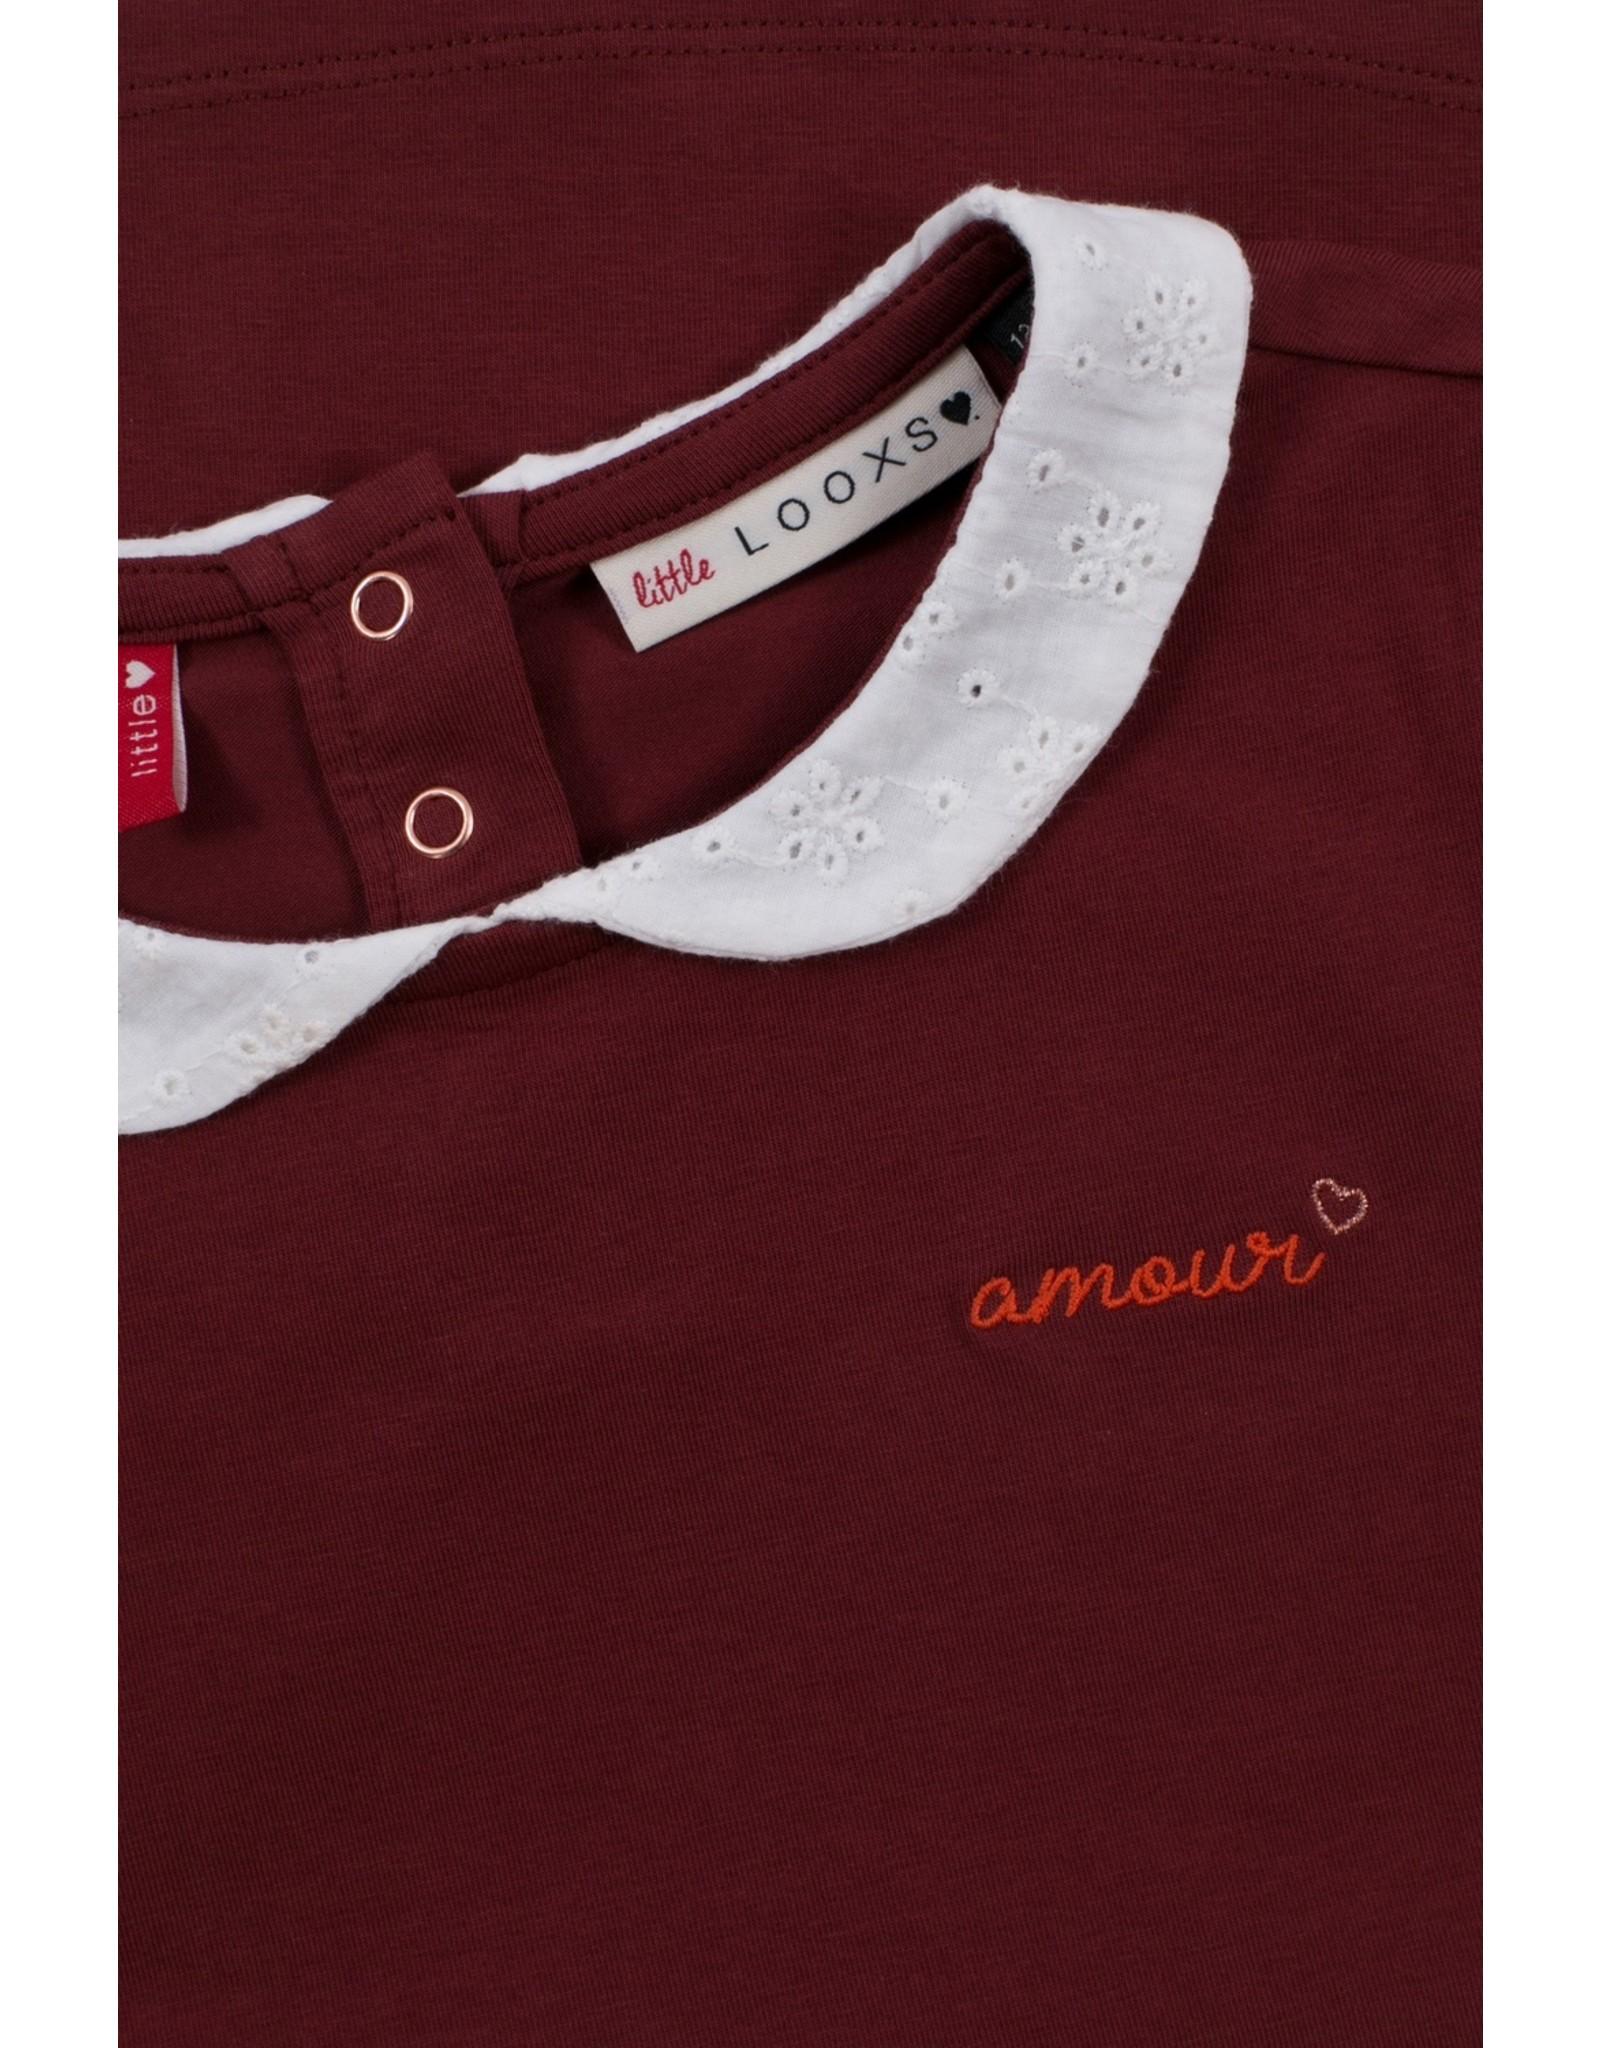 Looxs Little Little collar t-shirt l.wine